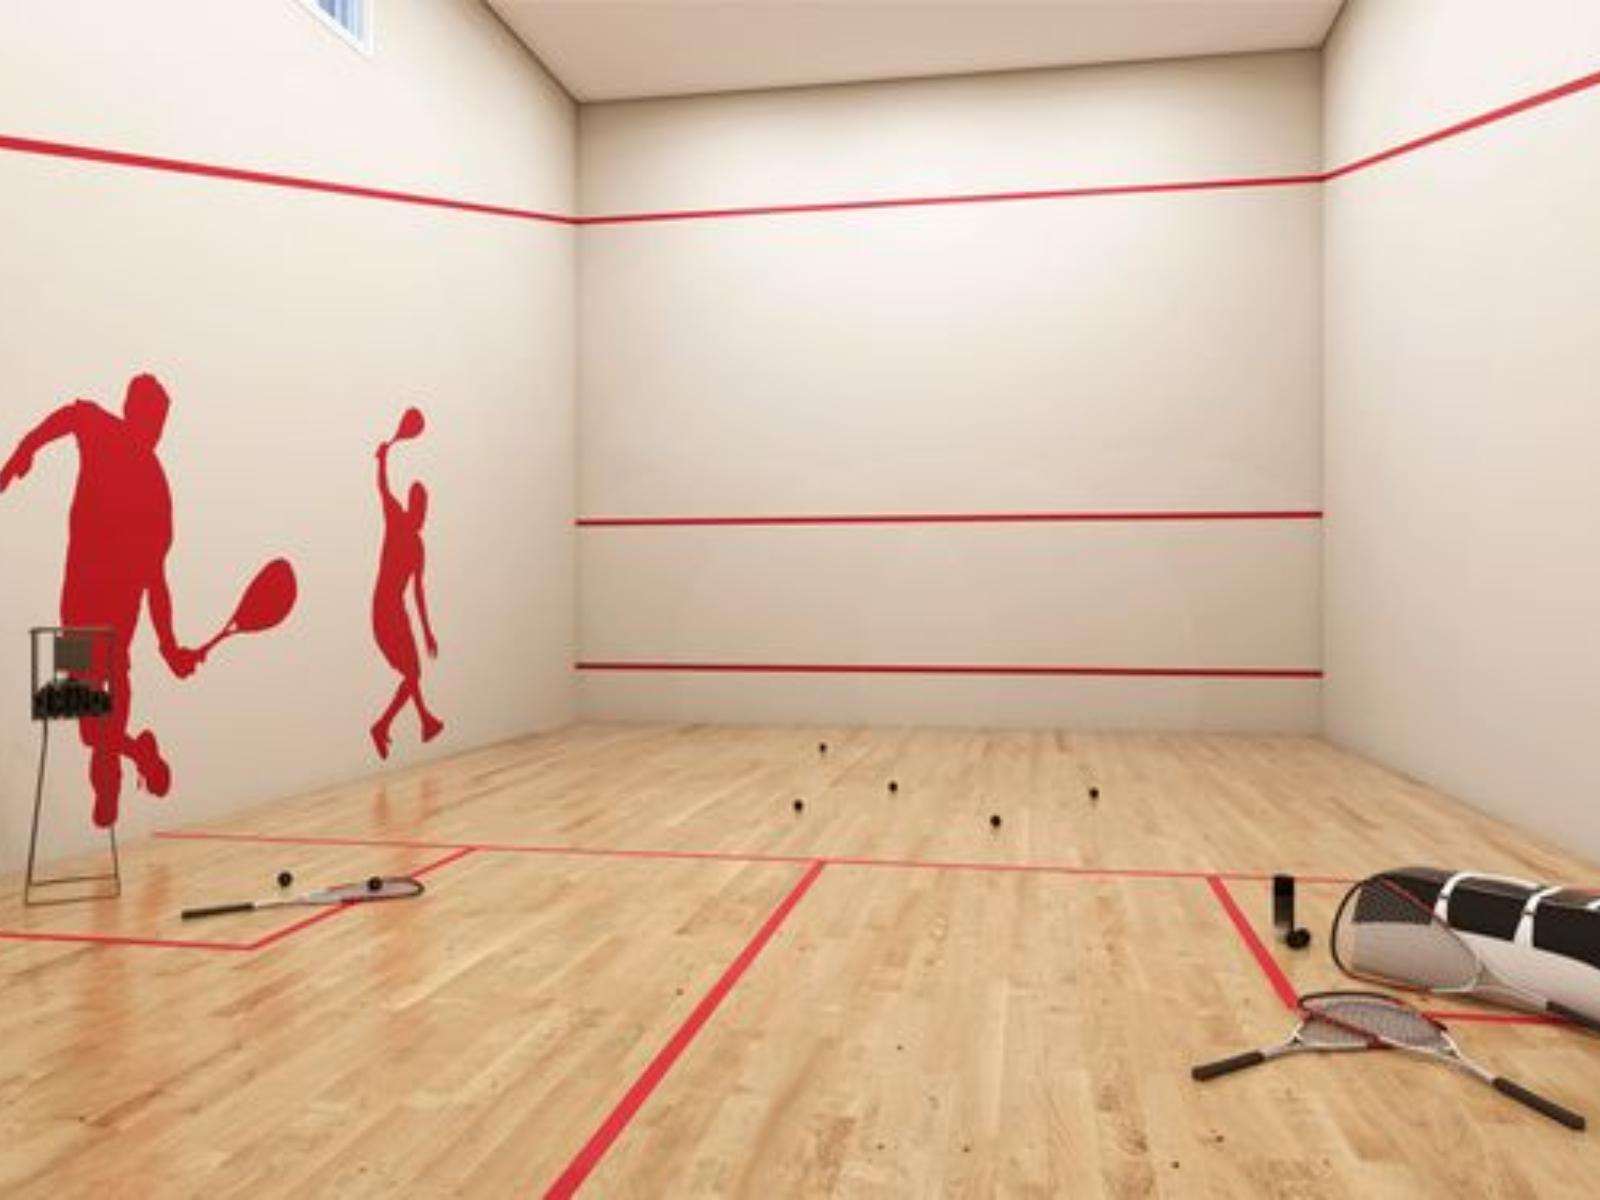 室內運動新體驗,「壁球」會是你最好的選擇!